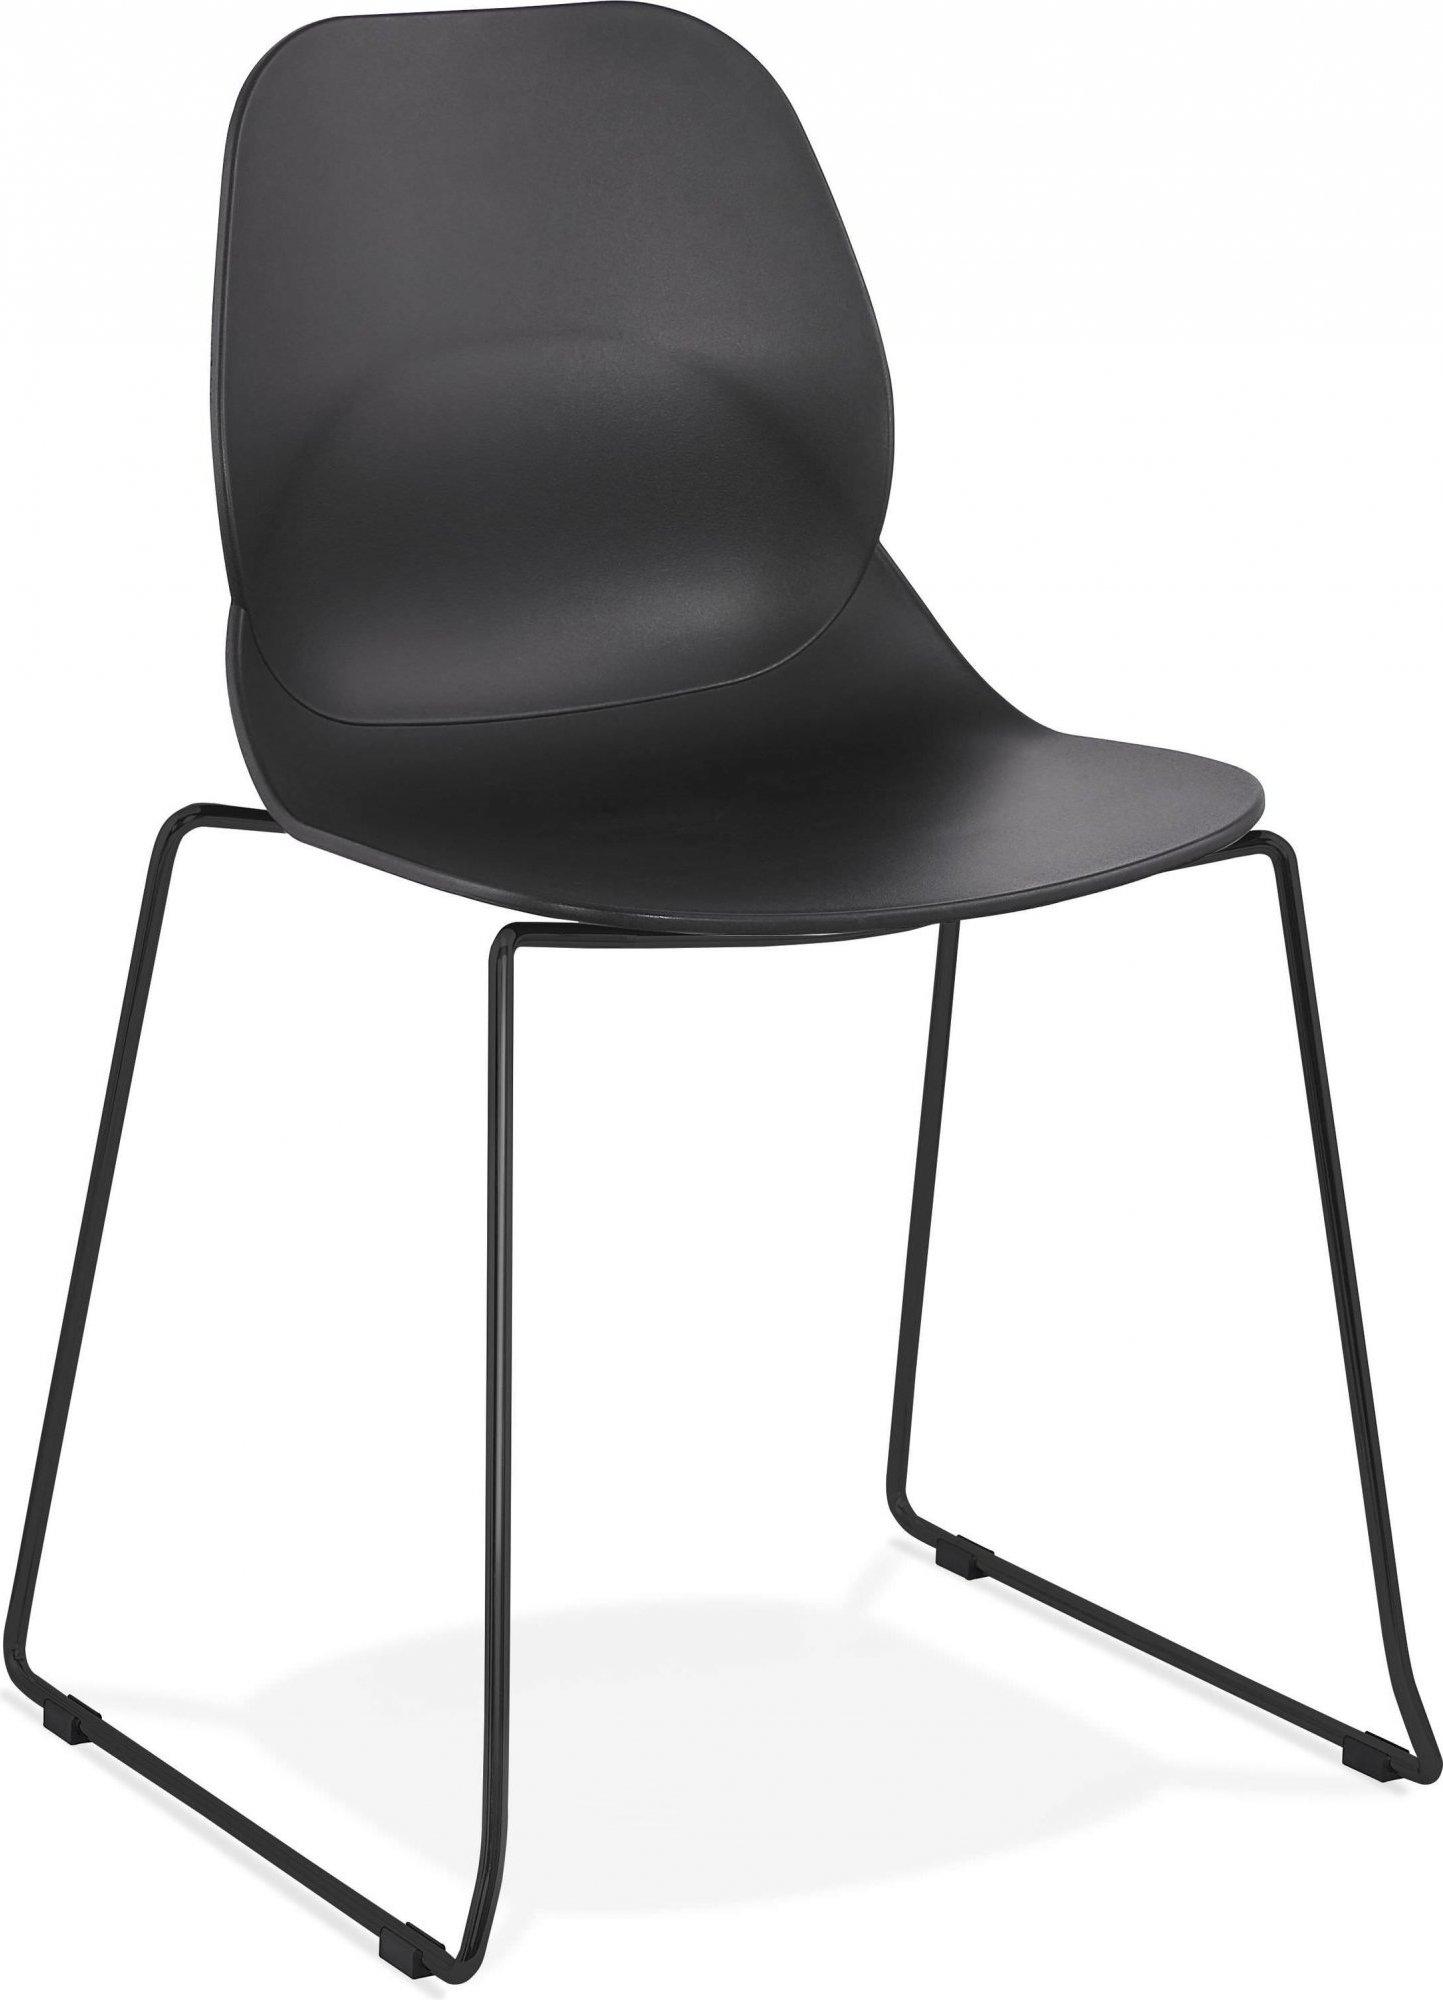 Chaise design minimaliste couleur noir